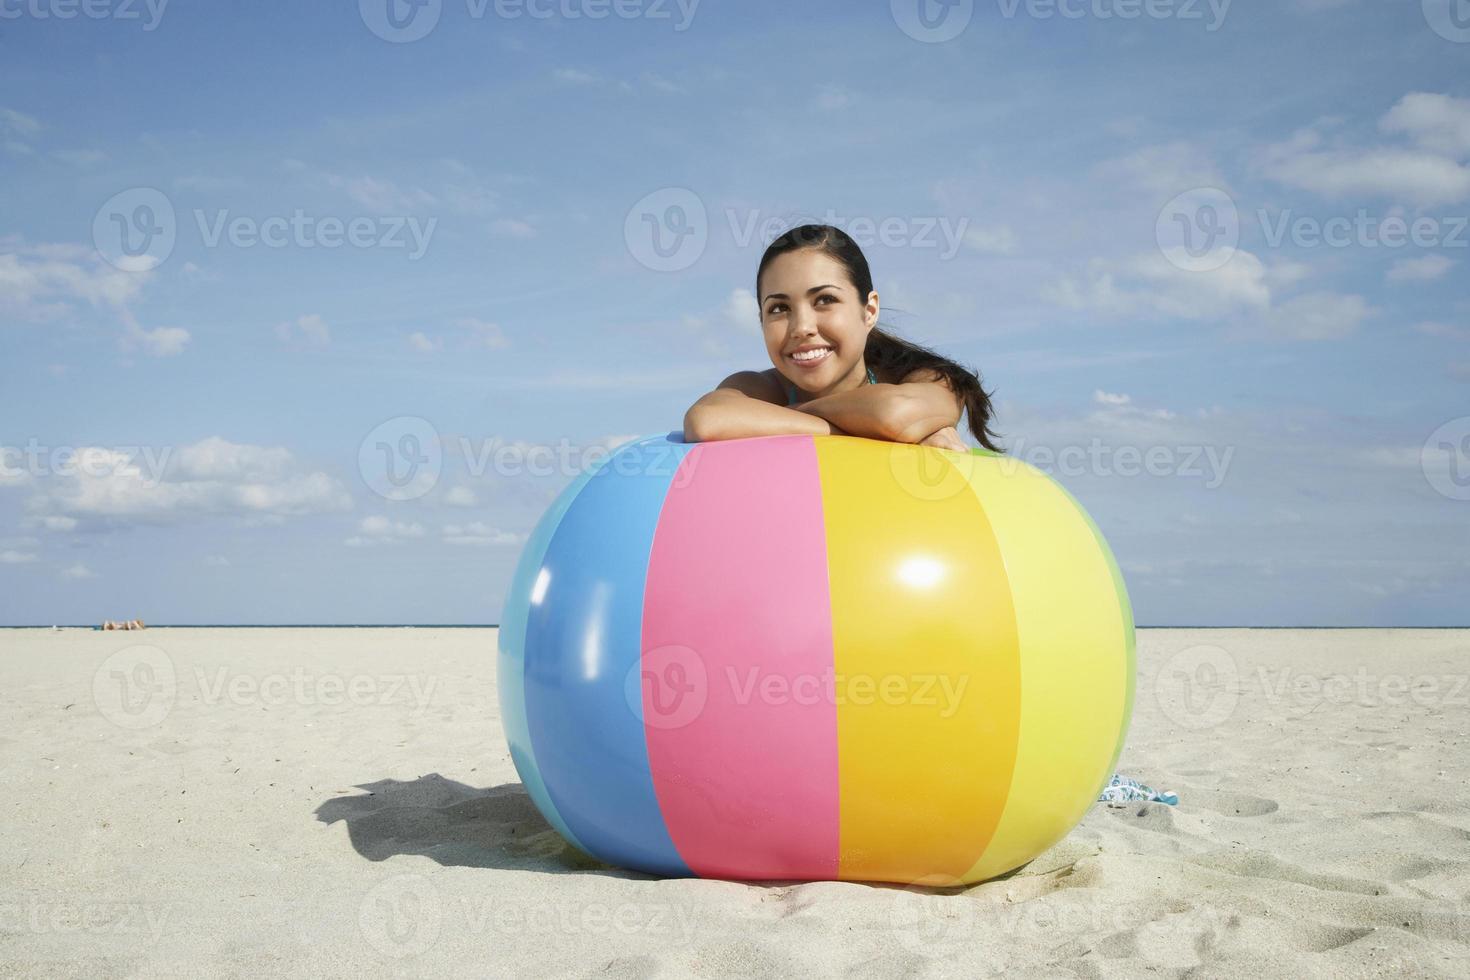 adolescente relaxante na bola de praia colorida foto